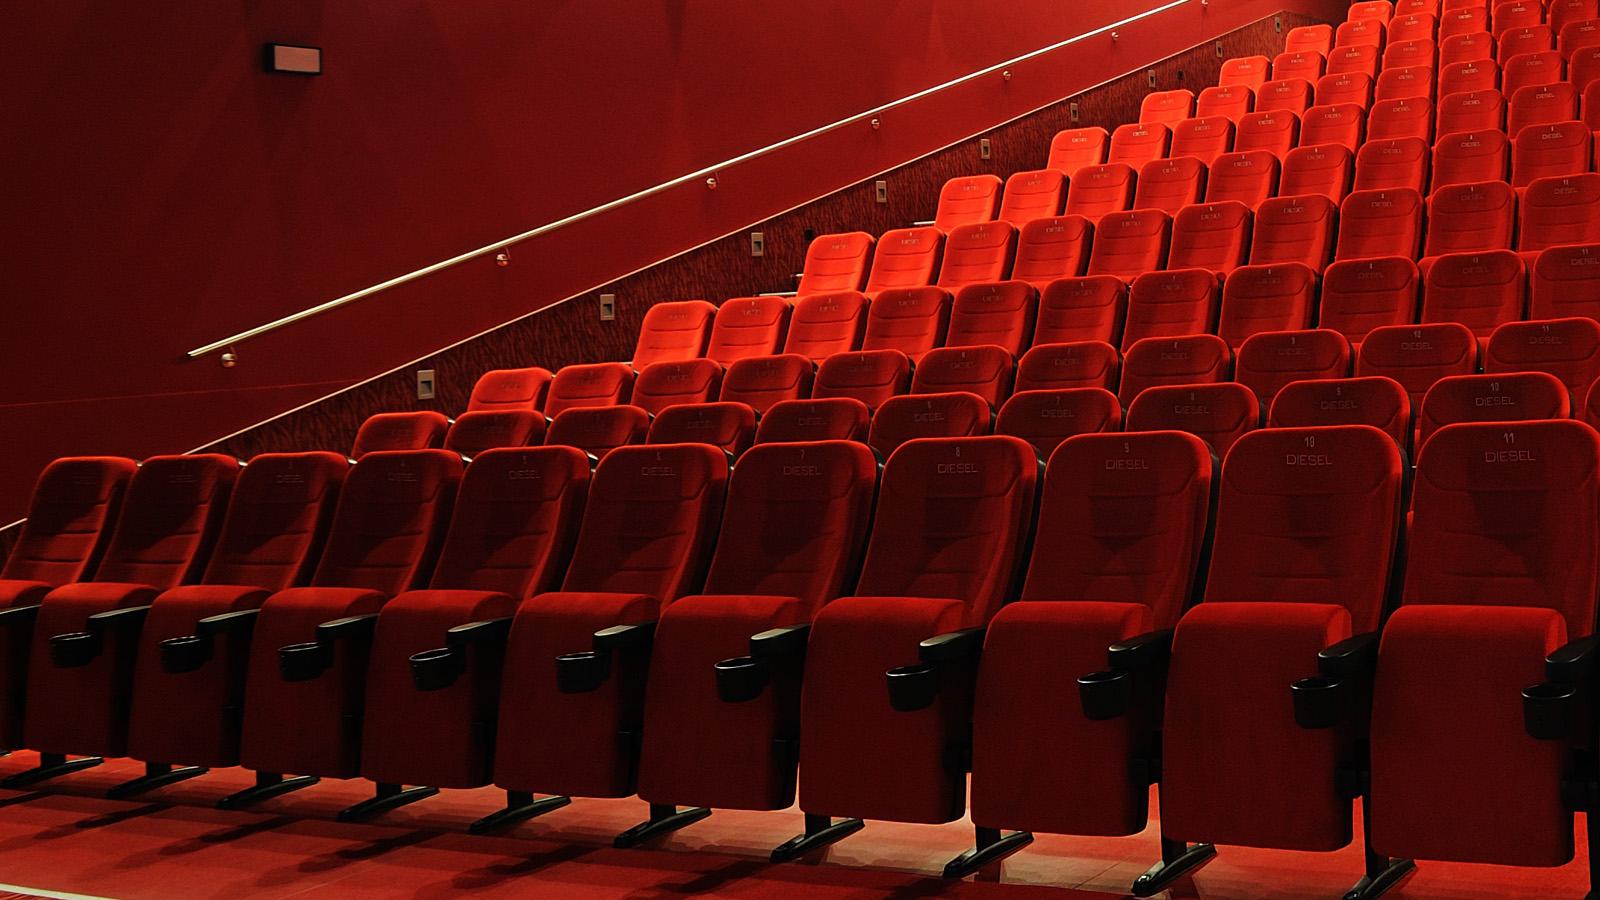 VOLL IM BILD Bei uns bekommen Sie das volle Programm, denn SUNWORKSversteht sich als Full-Service-Agentur für Ihre Kino-Werbung.WEITERE INFOS WARUM KINOWERBUNG